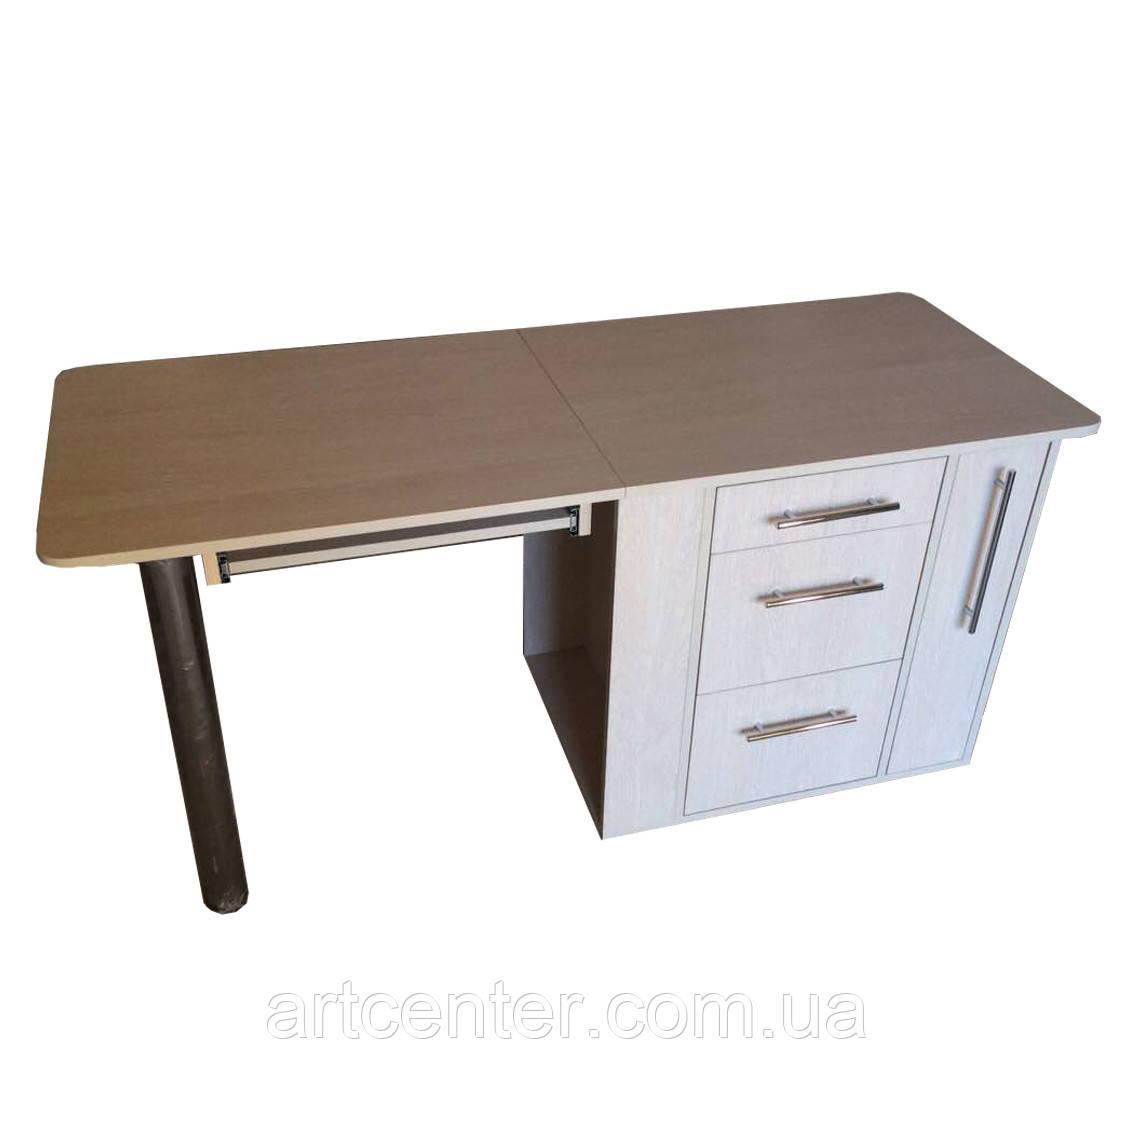 """Стол для маникюра с выдвижными ящиками и ящиком """"карго"""" белый со складной столешницей"""